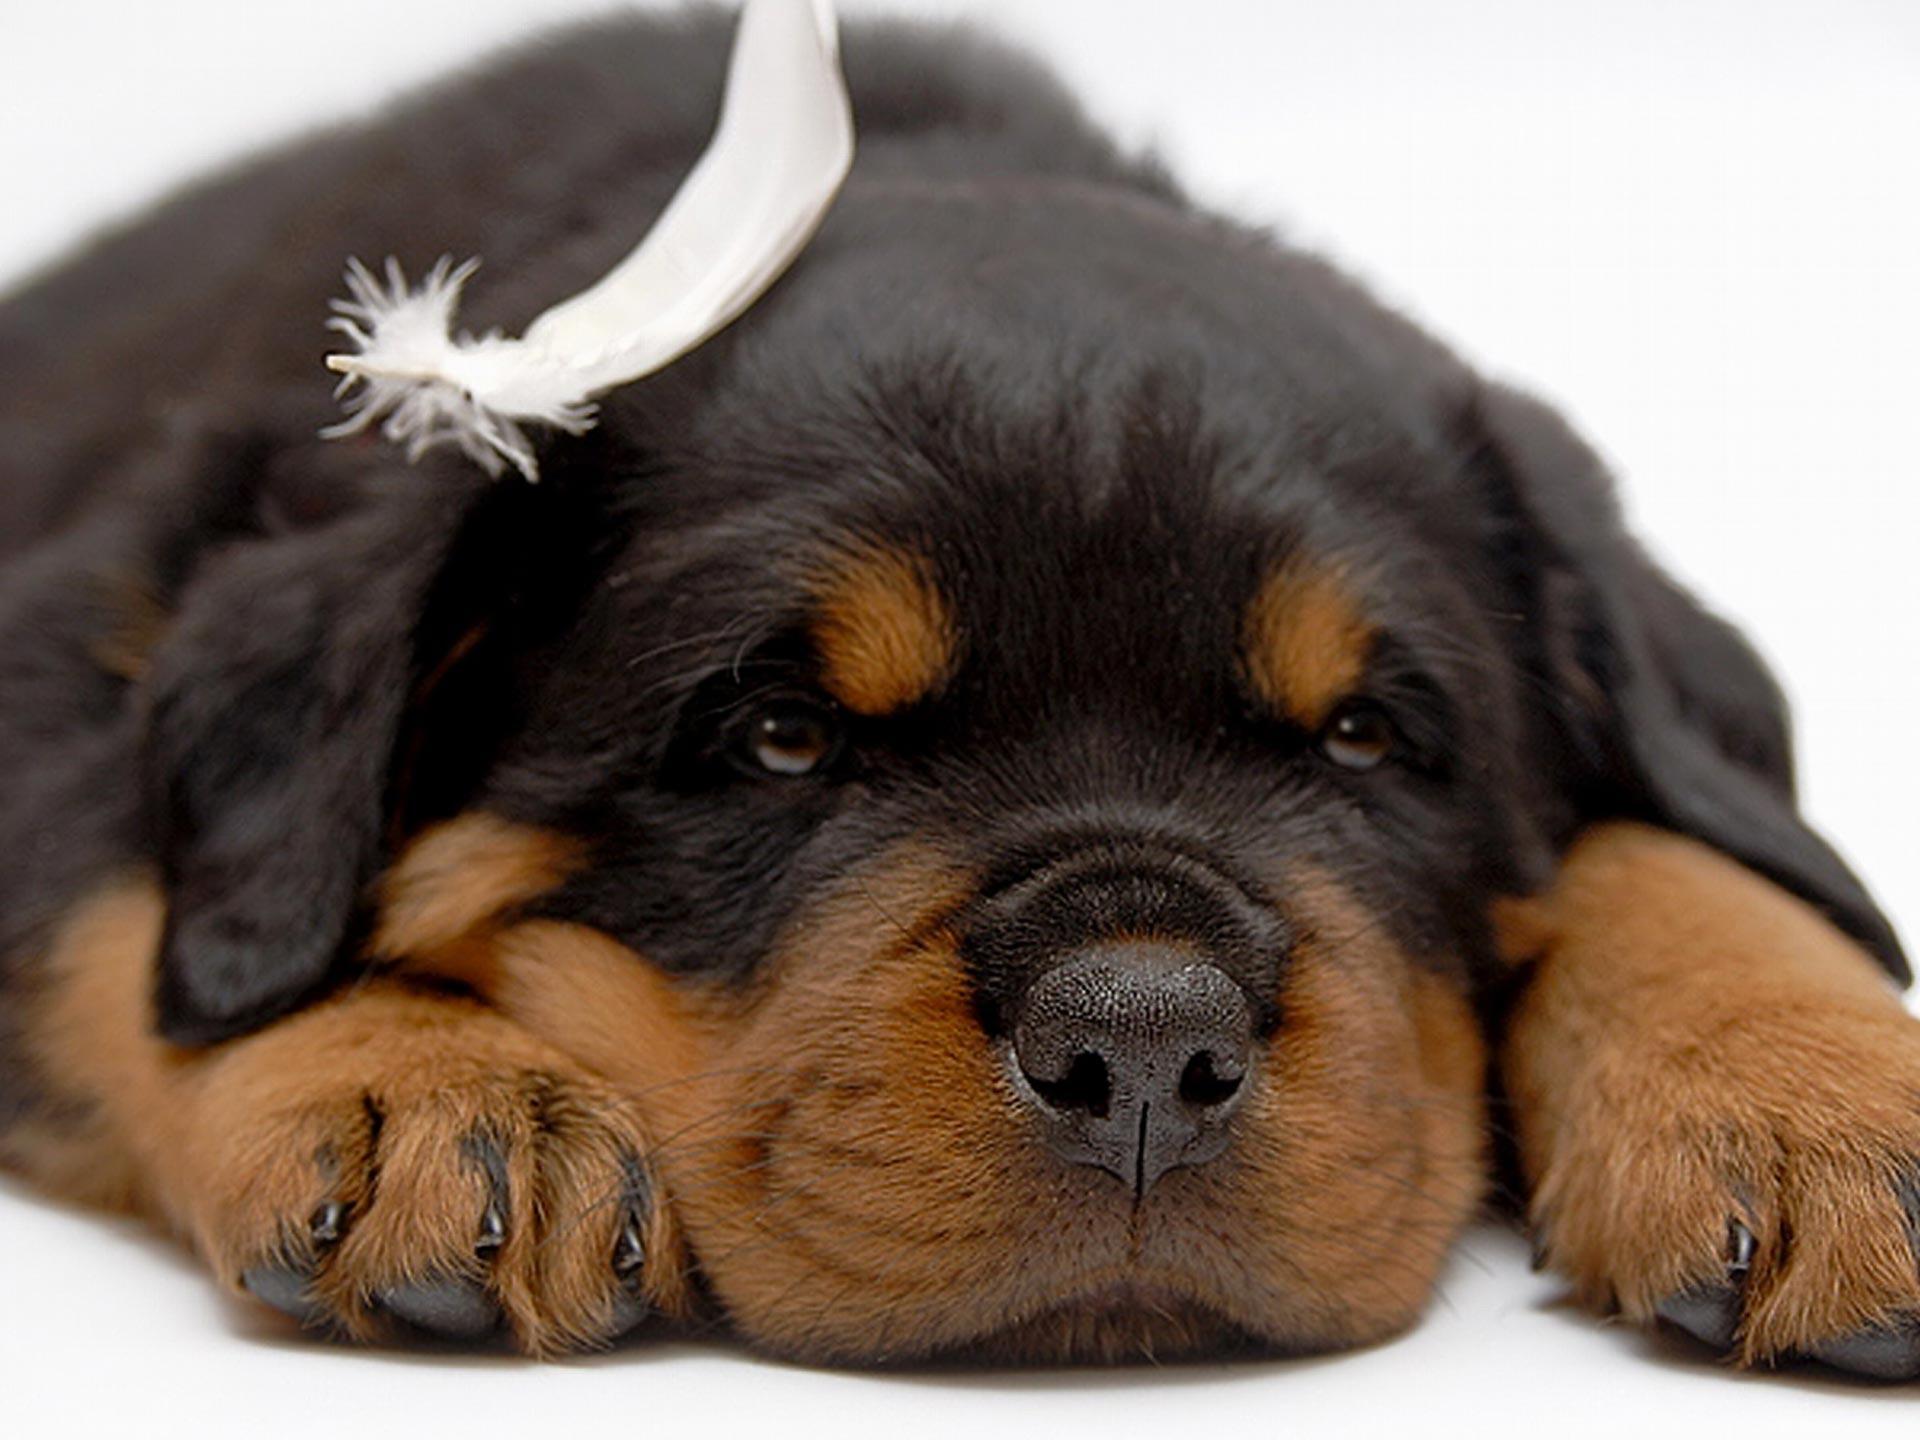 imagenes de perros rottweiler14 Imágenes de Perros Rottweiler